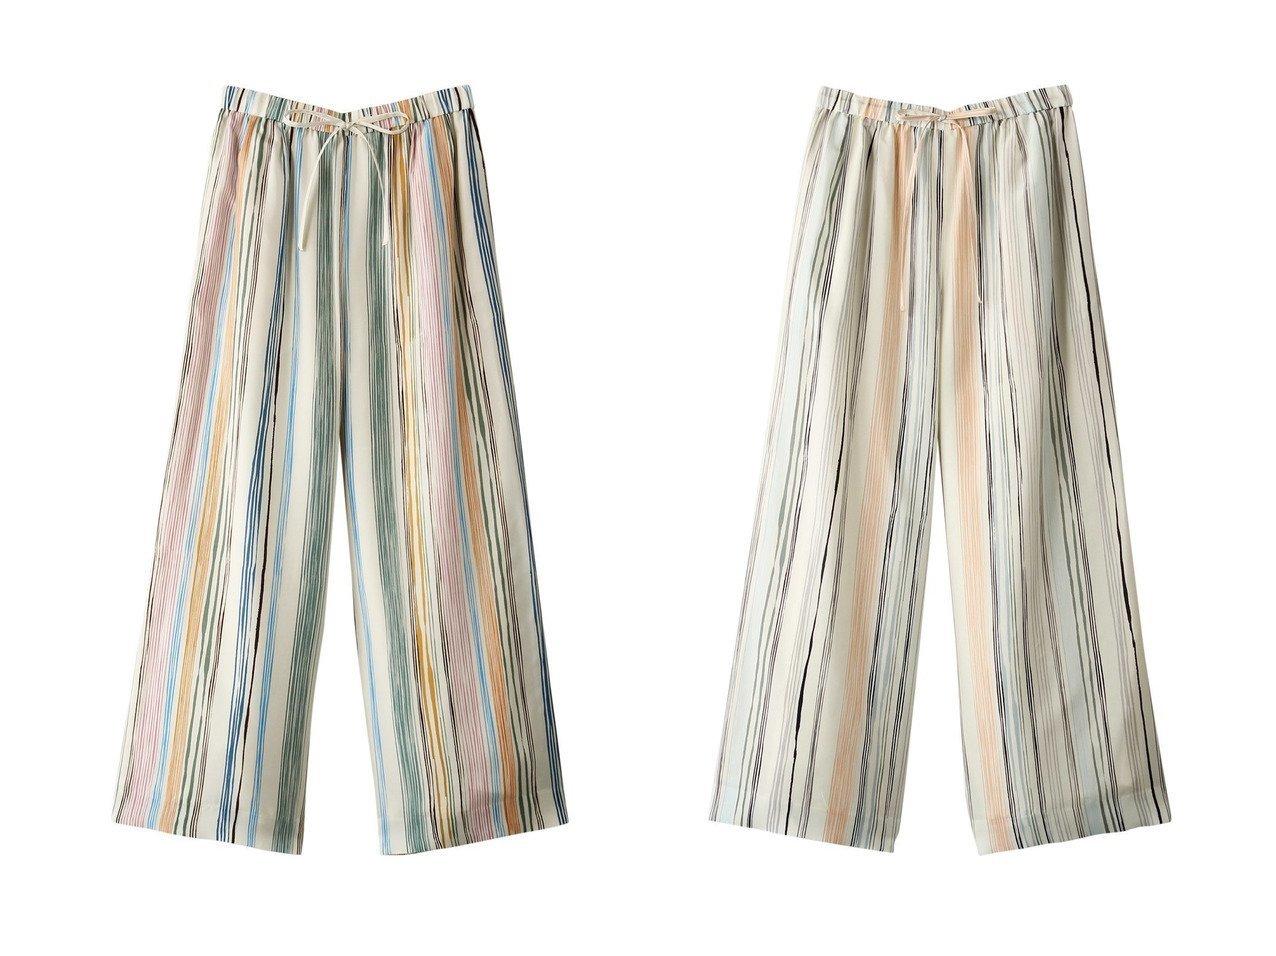 【ebure/エブール】のマルチストライプ ウエストゴムワイドパンツ パンツのおすすめ!人気、トレンド・レディースファッションの通販 おすすめで人気の流行・トレンド、ファッションの通販商品 メンズファッション・キッズファッション・インテリア・家具・レディースファッション・服の通販 founy(ファニー) https://founy.com/ ファッション Fashion レディースファッション WOMEN パンツ Pants 2021年 2021 2021 春夏 S/S SS Spring/Summer 2021 S/S 春夏 SS Spring/Summer シルク ストライプ ワイド 春 Spring  ID:crp329100000025287